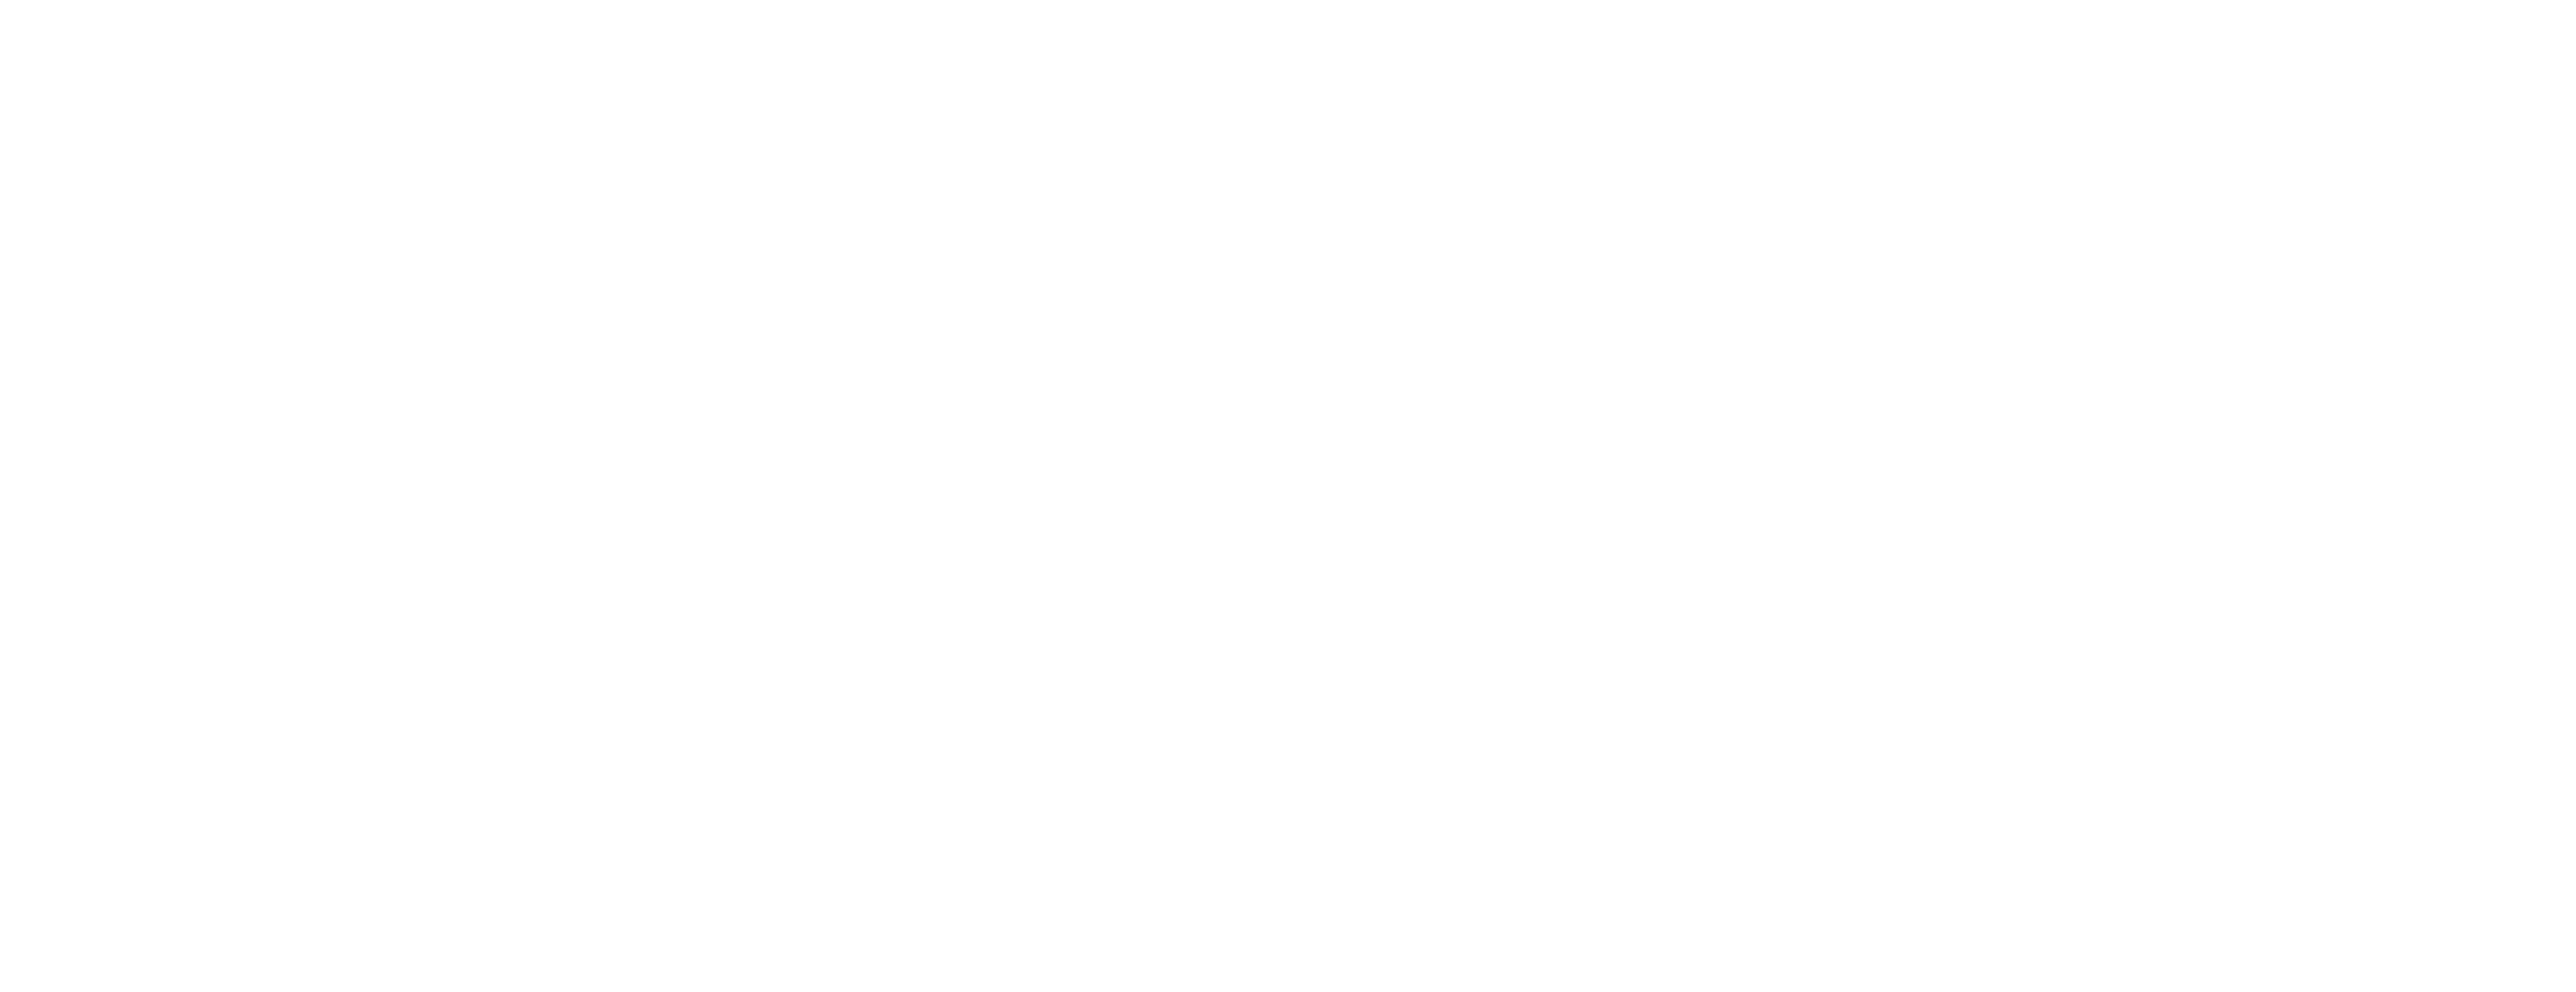 مرکز آموزش مهارتهای پیشرفته بالینی ایران